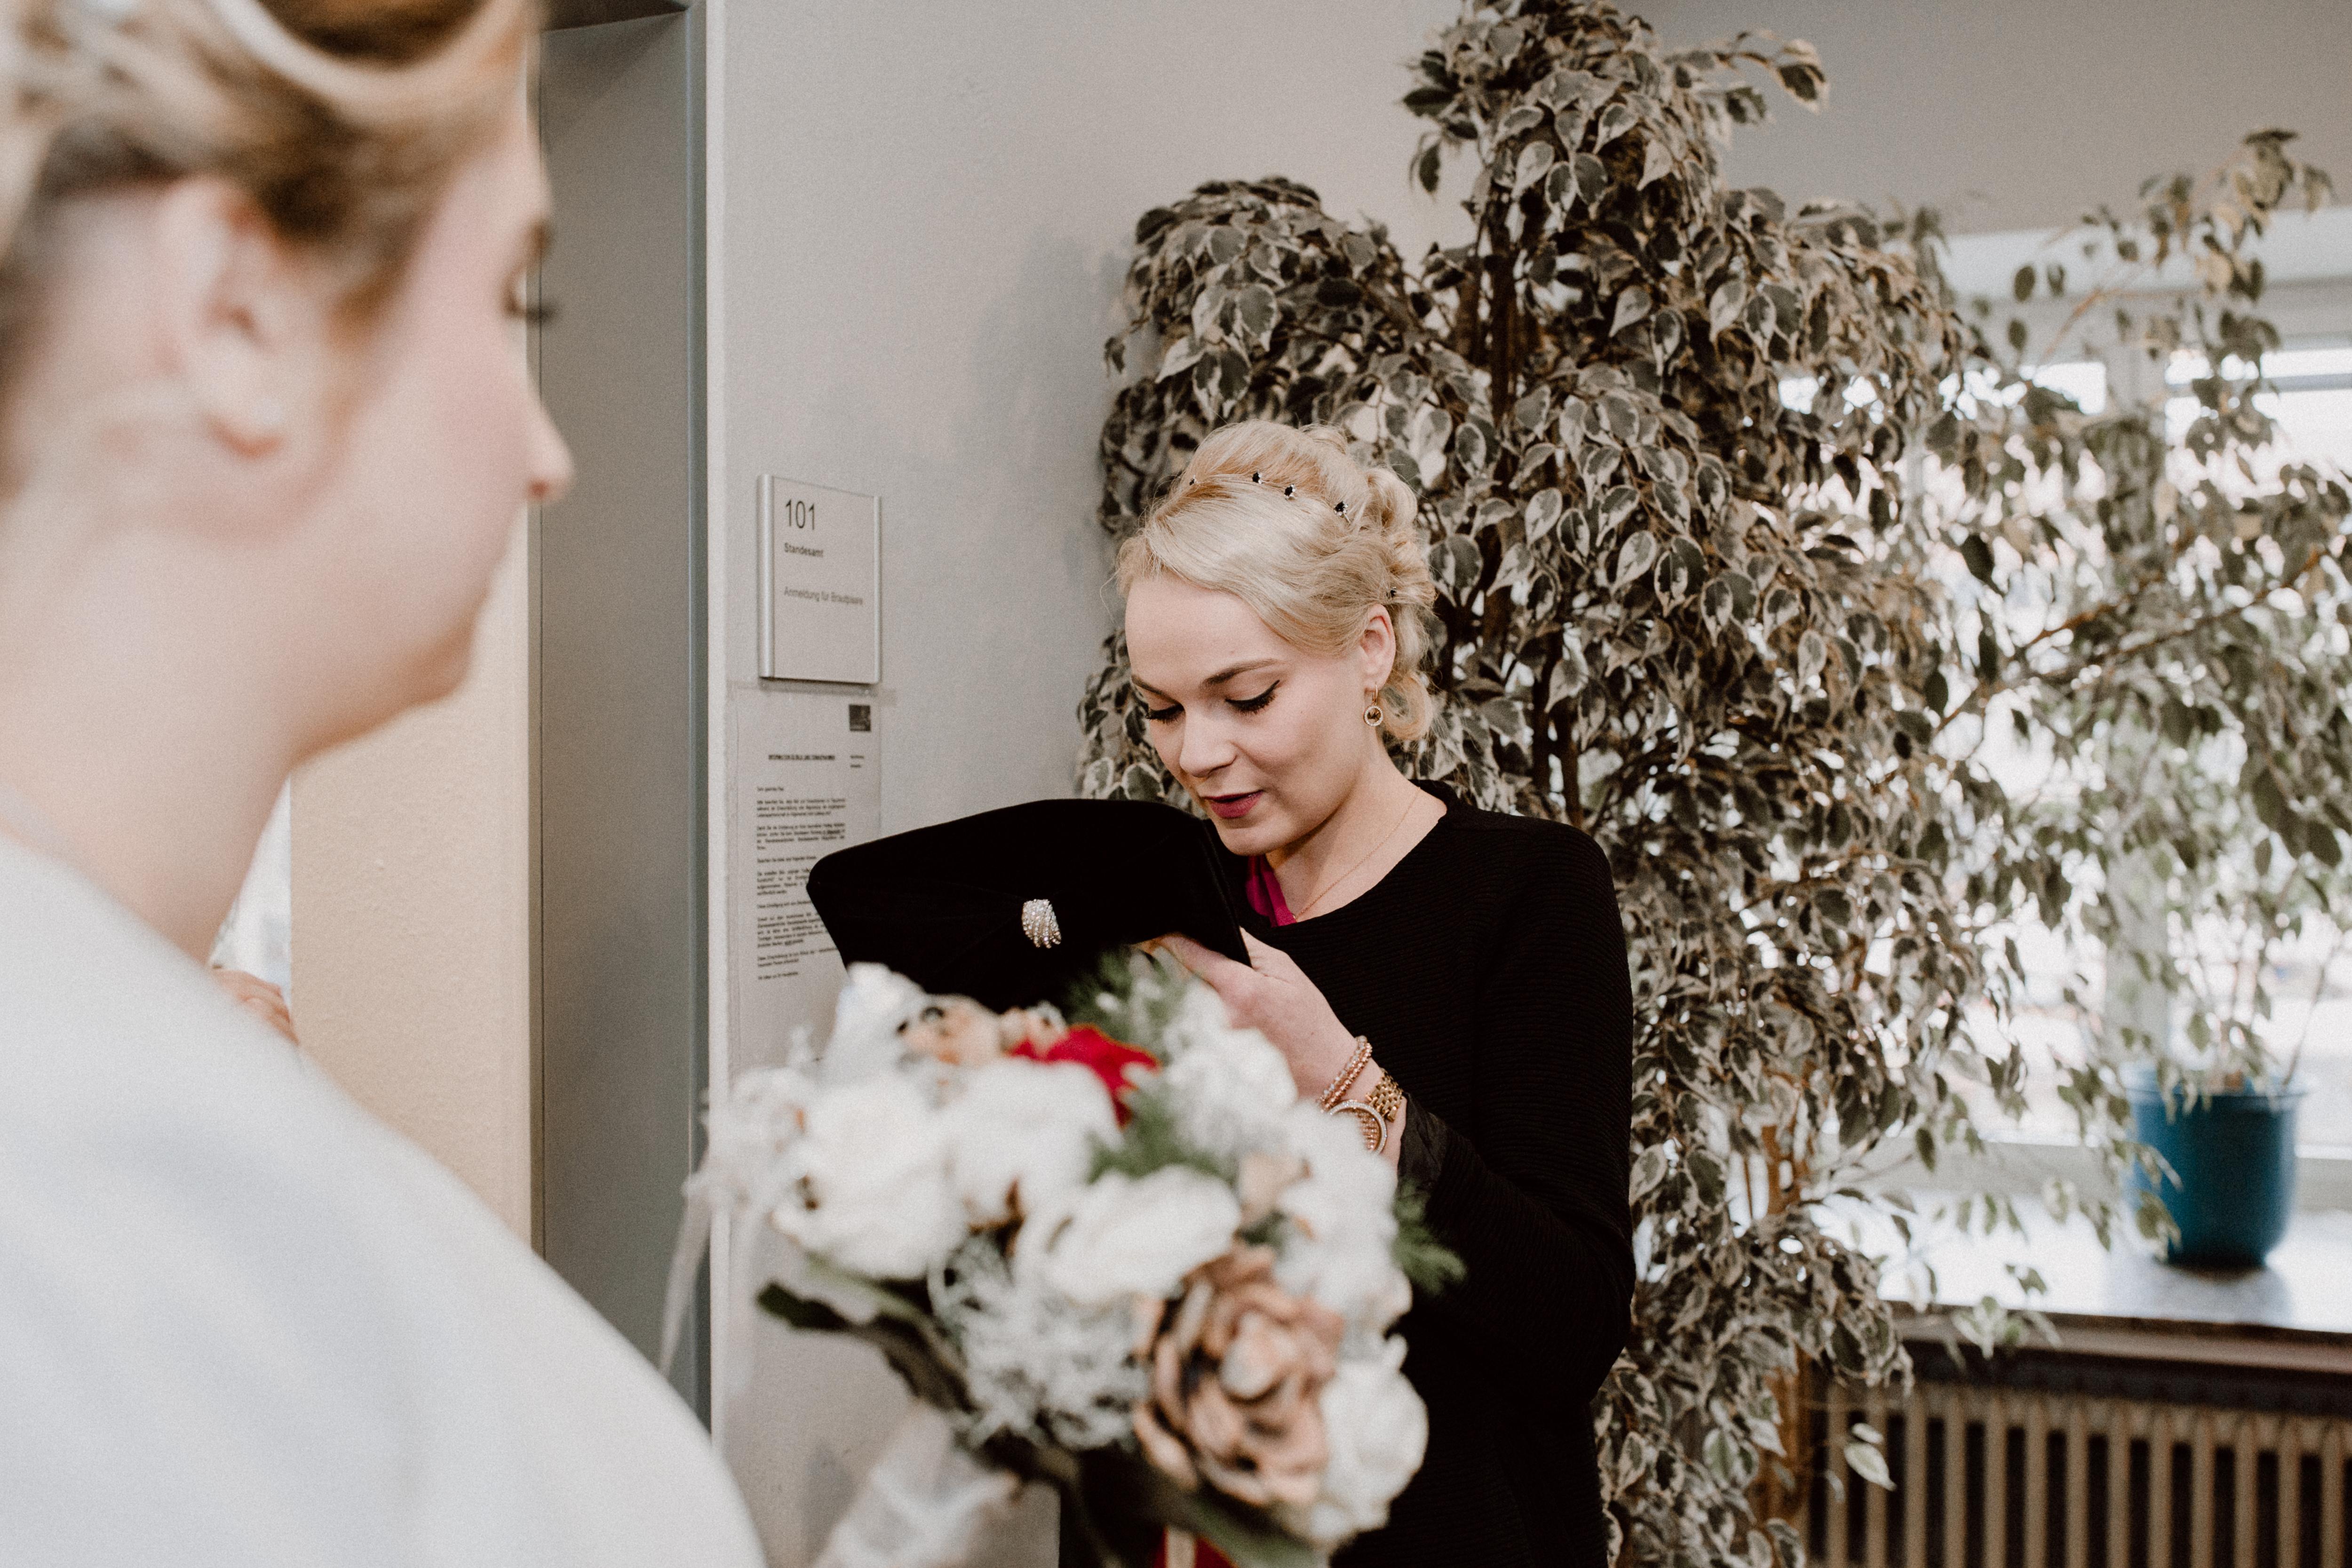 URBANERIE_Daniela_Goth_Hochzeitsfotografin_Nürnberg_Fürth_Erlangen_Schwabach_171110_0079